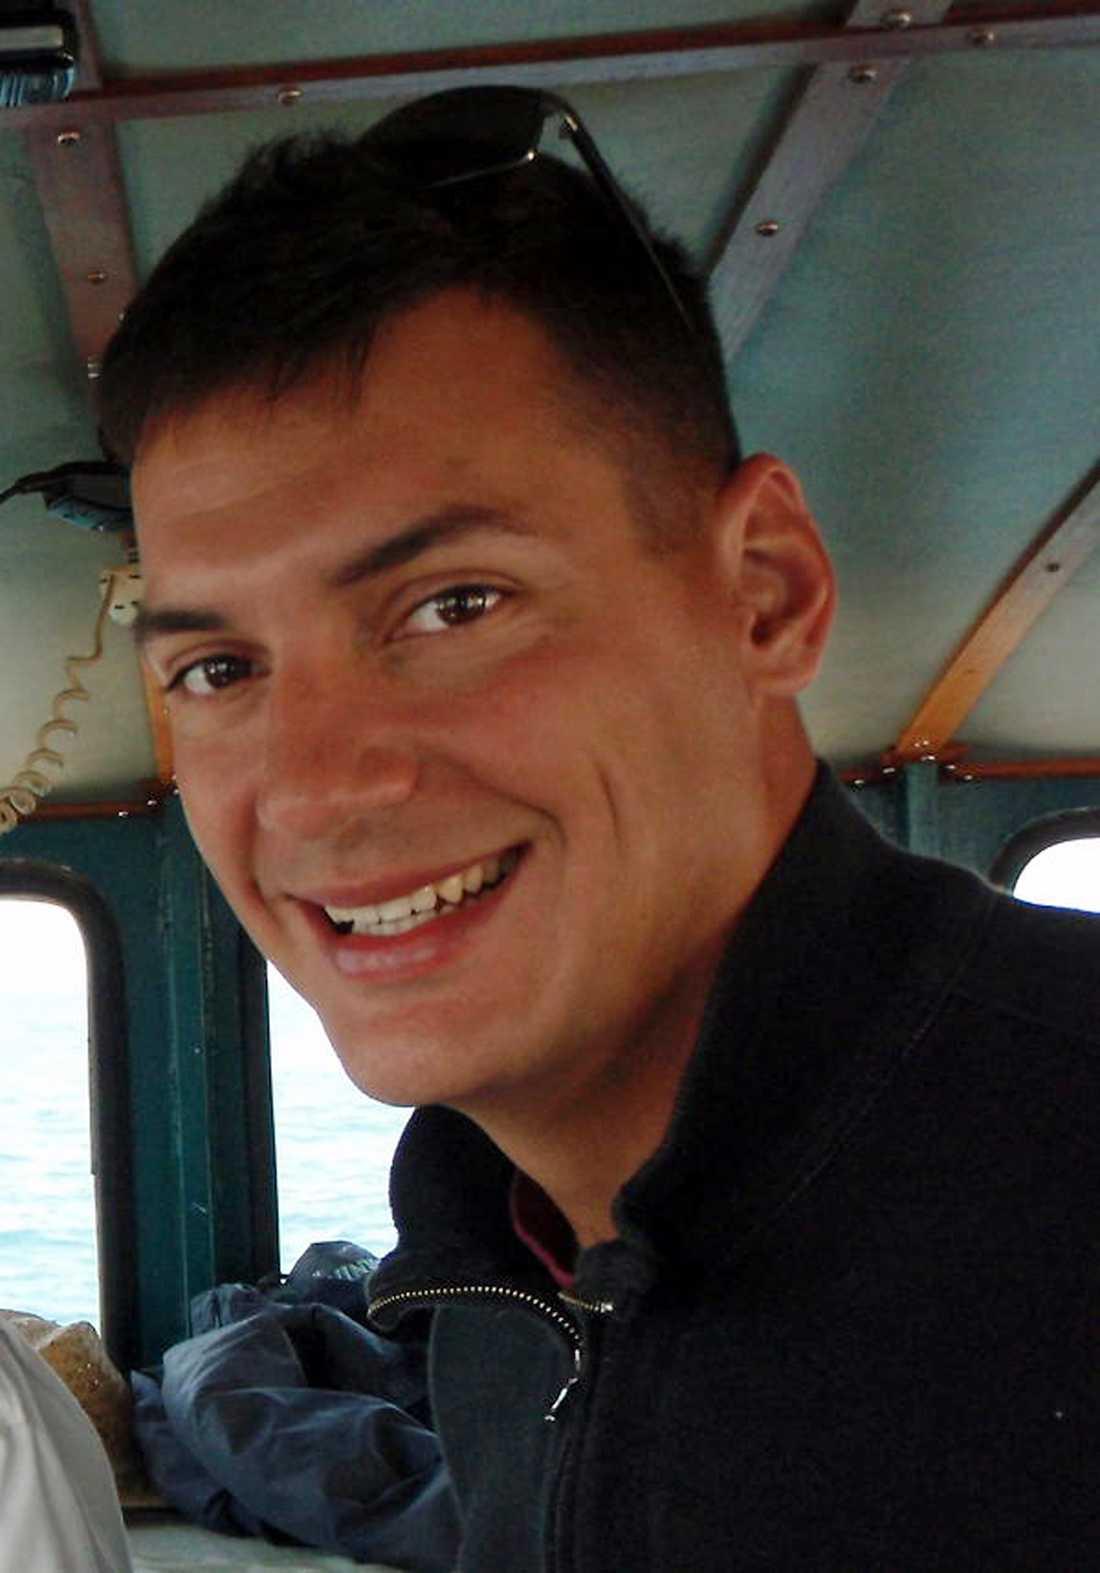 Austin Tice, frilansreporter med uppdrag för bland annat Washington Post kidnappades i augusti förra året. Han rapporterade från Damaskusområdet när han försvann. Regimen misstänks därför vara den som ligger bakom gripandet.